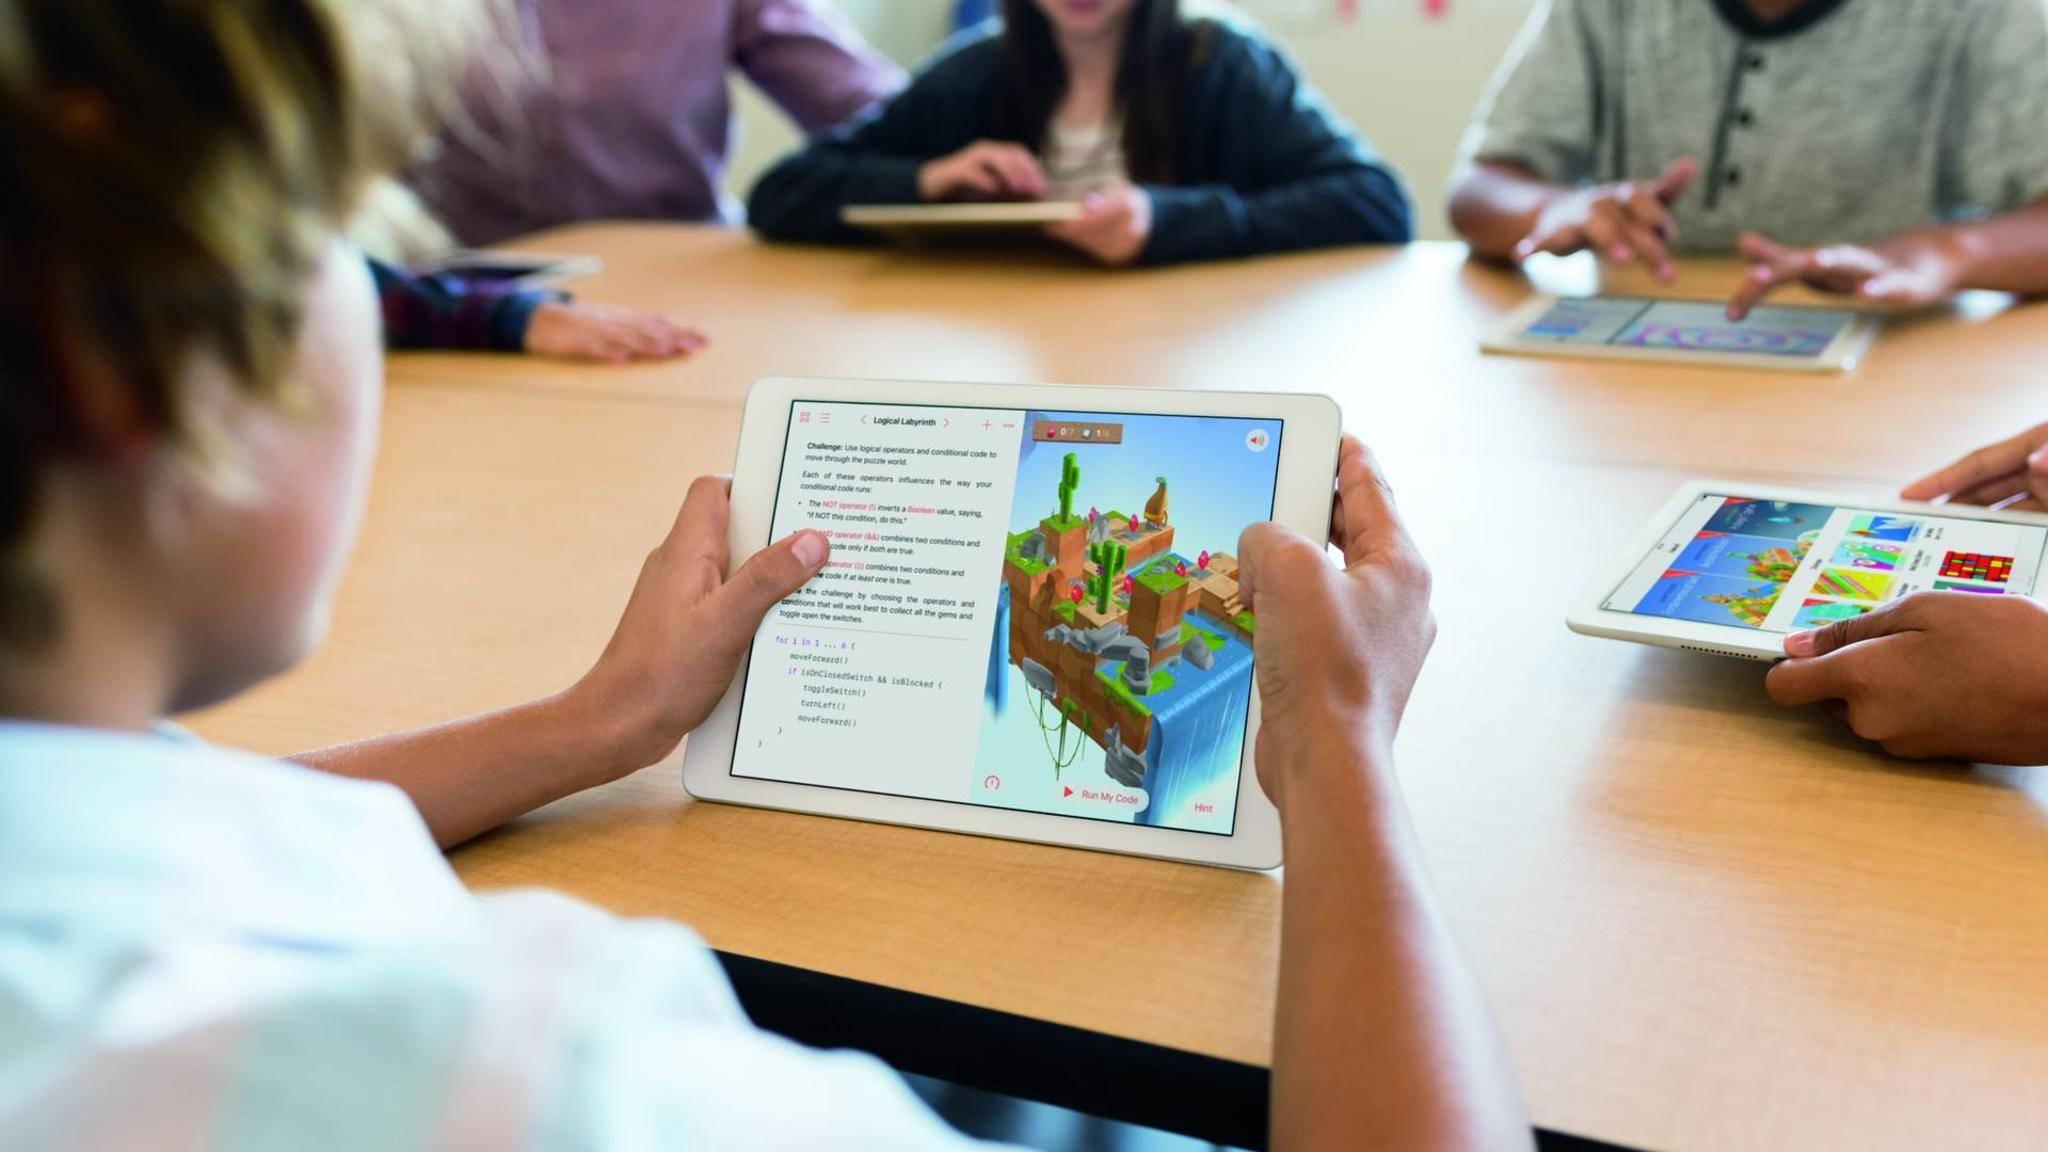 Du kannst Dir das Surfen auf dem iPad vor dem Kauf auf dem PC ansehen.